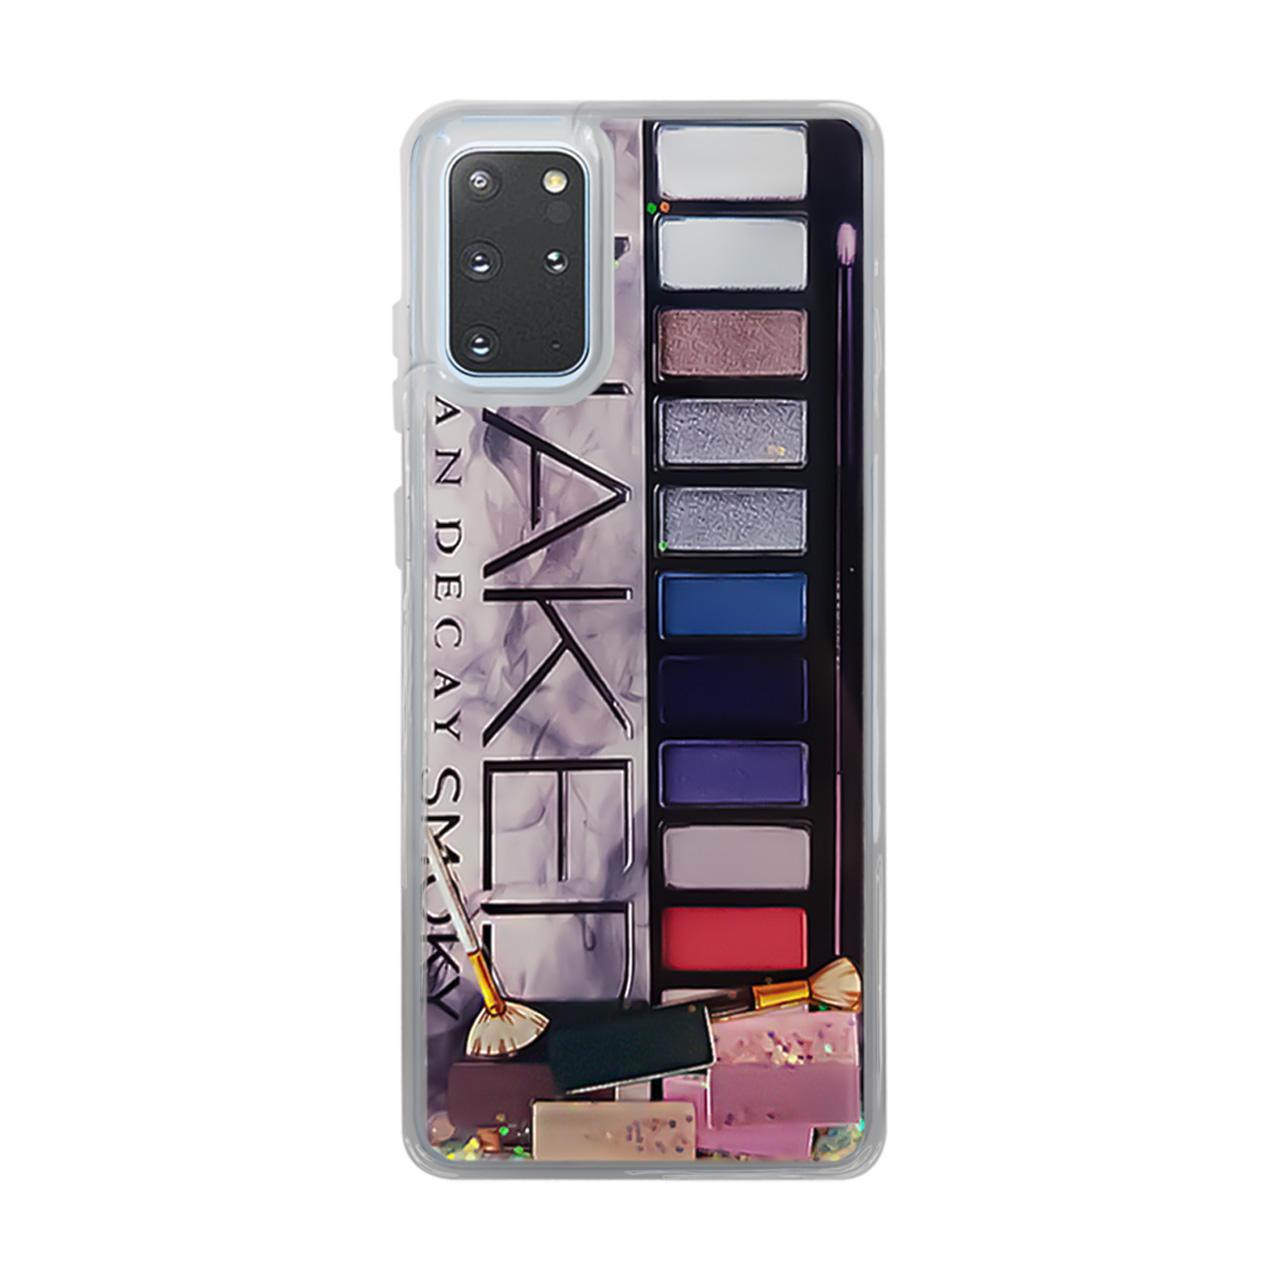 کاور دکین مدل آکواریومی طرح پالت مناسب برای گوشی موبایل سامسونگ  Galaxy S20 Plus